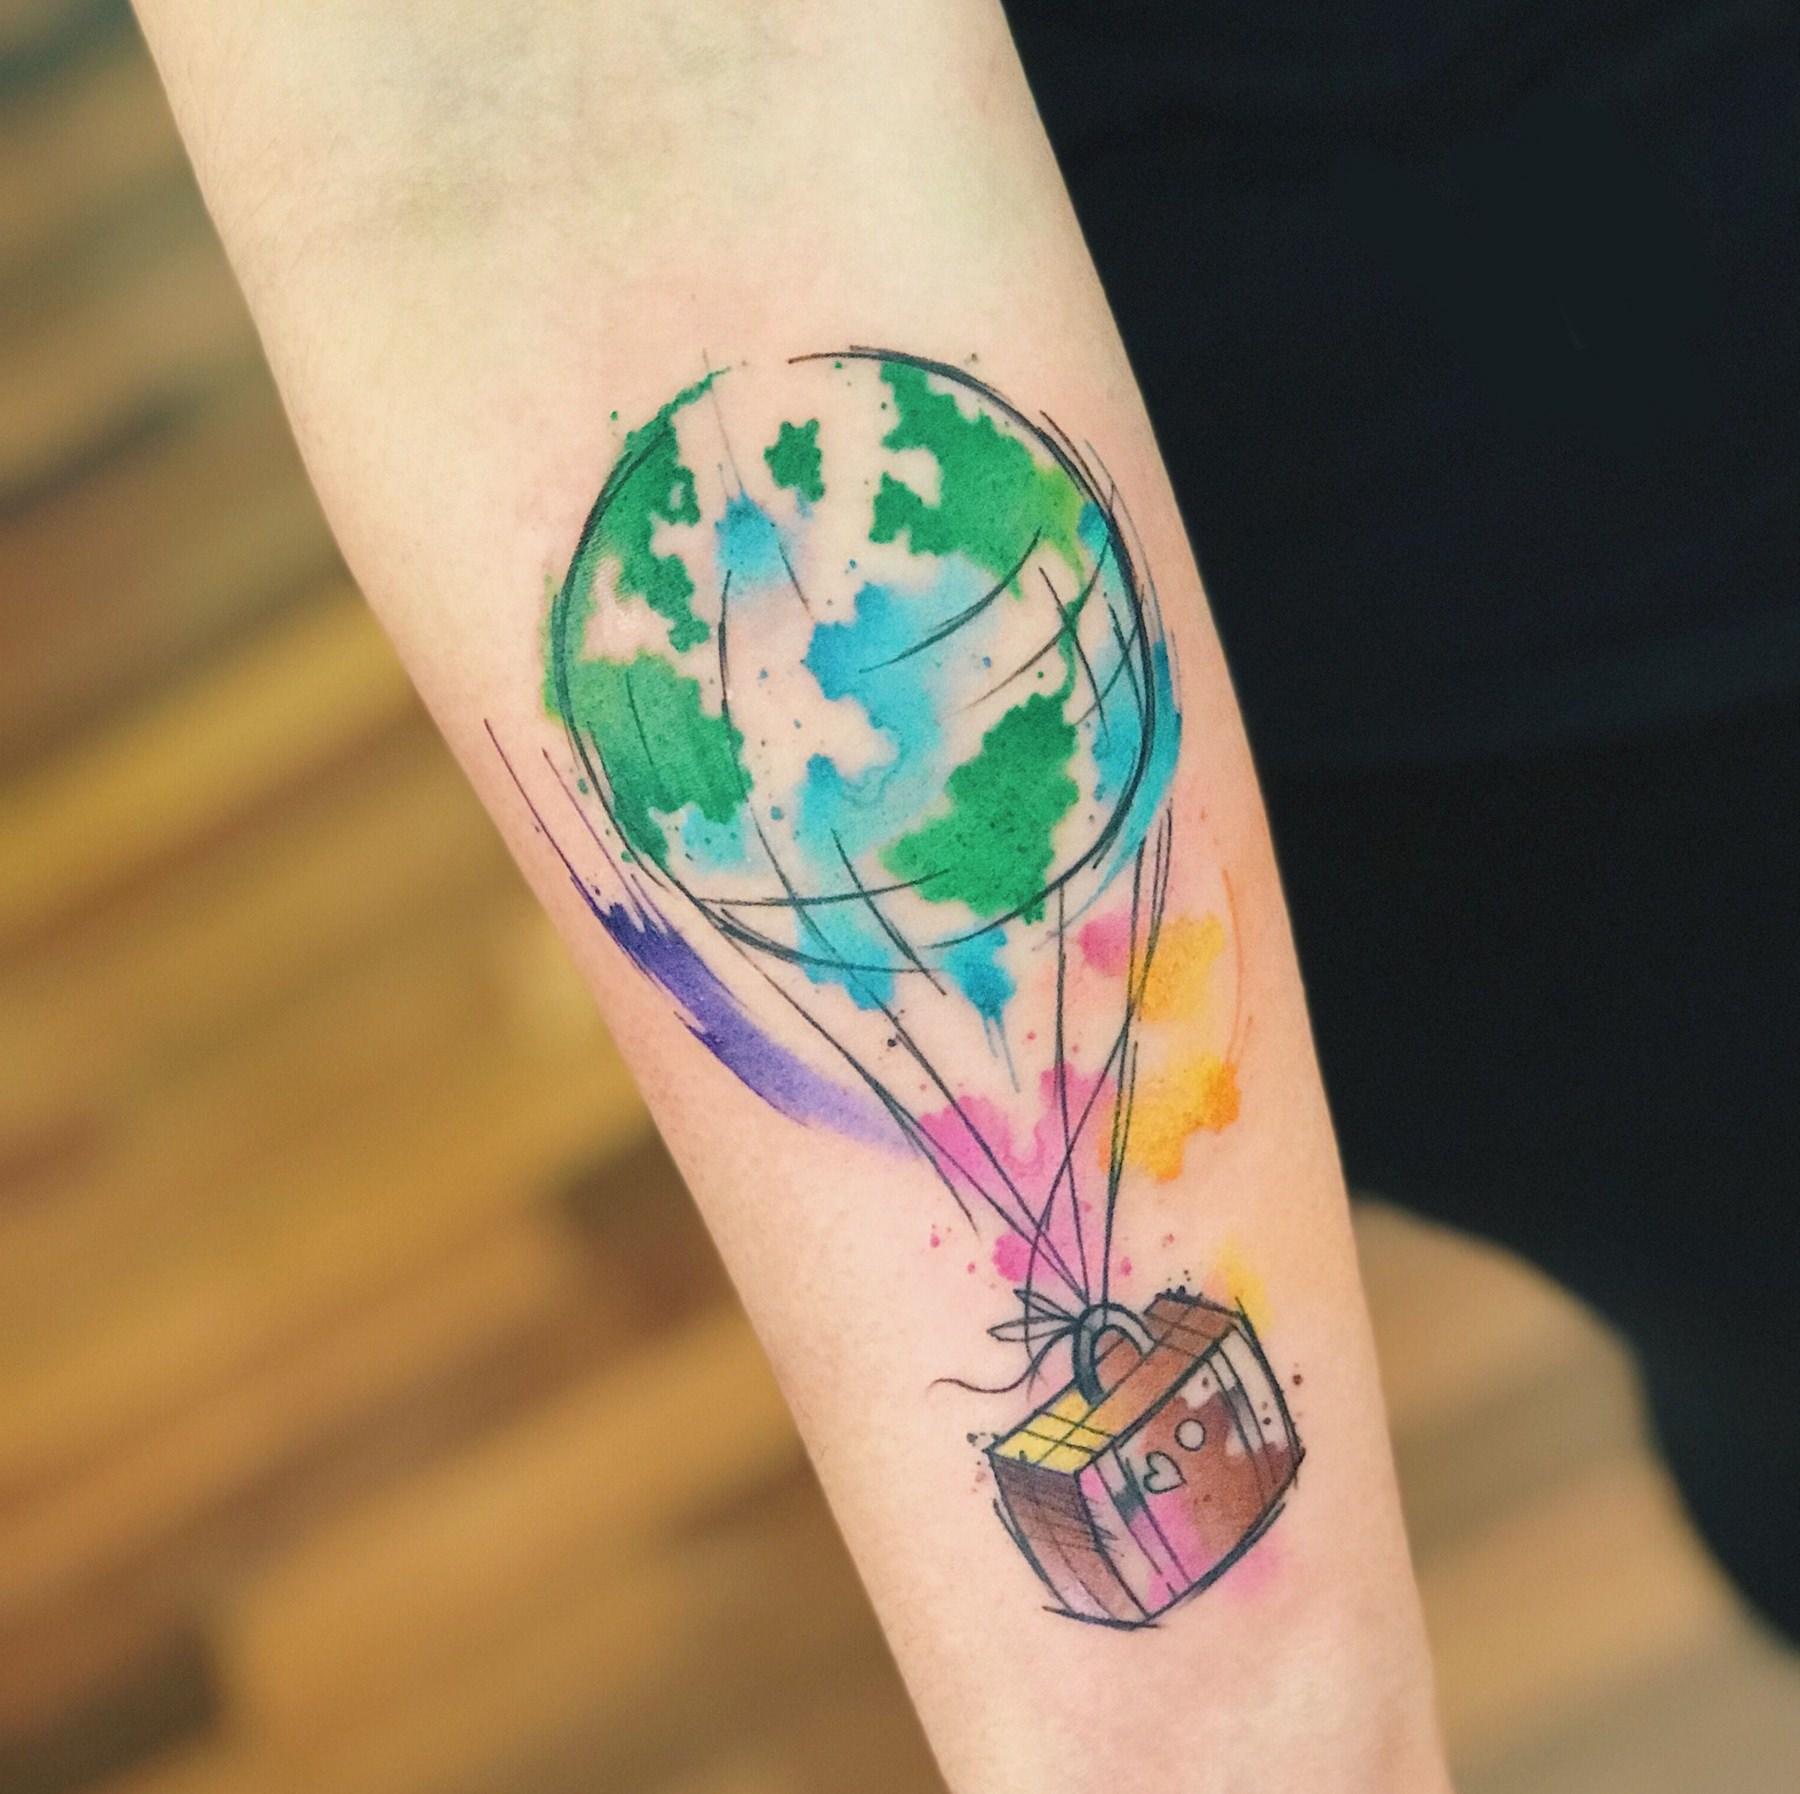 Linda tatuagem multicor no braço